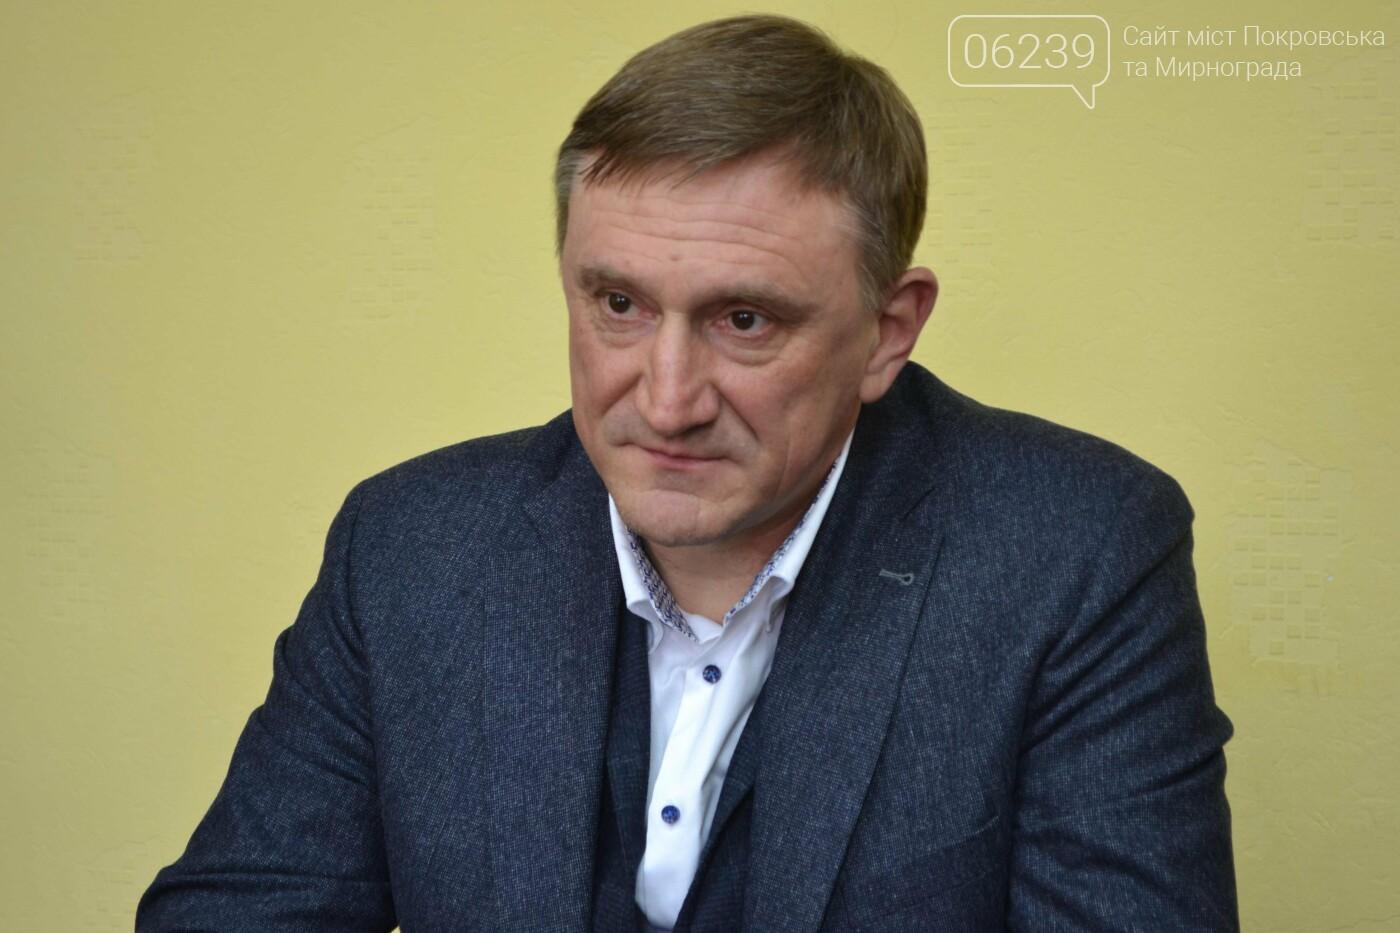 Андрей Аксенов провел рабочую встречу с мэром Покровска: какие вопросы были подняты , фото-2